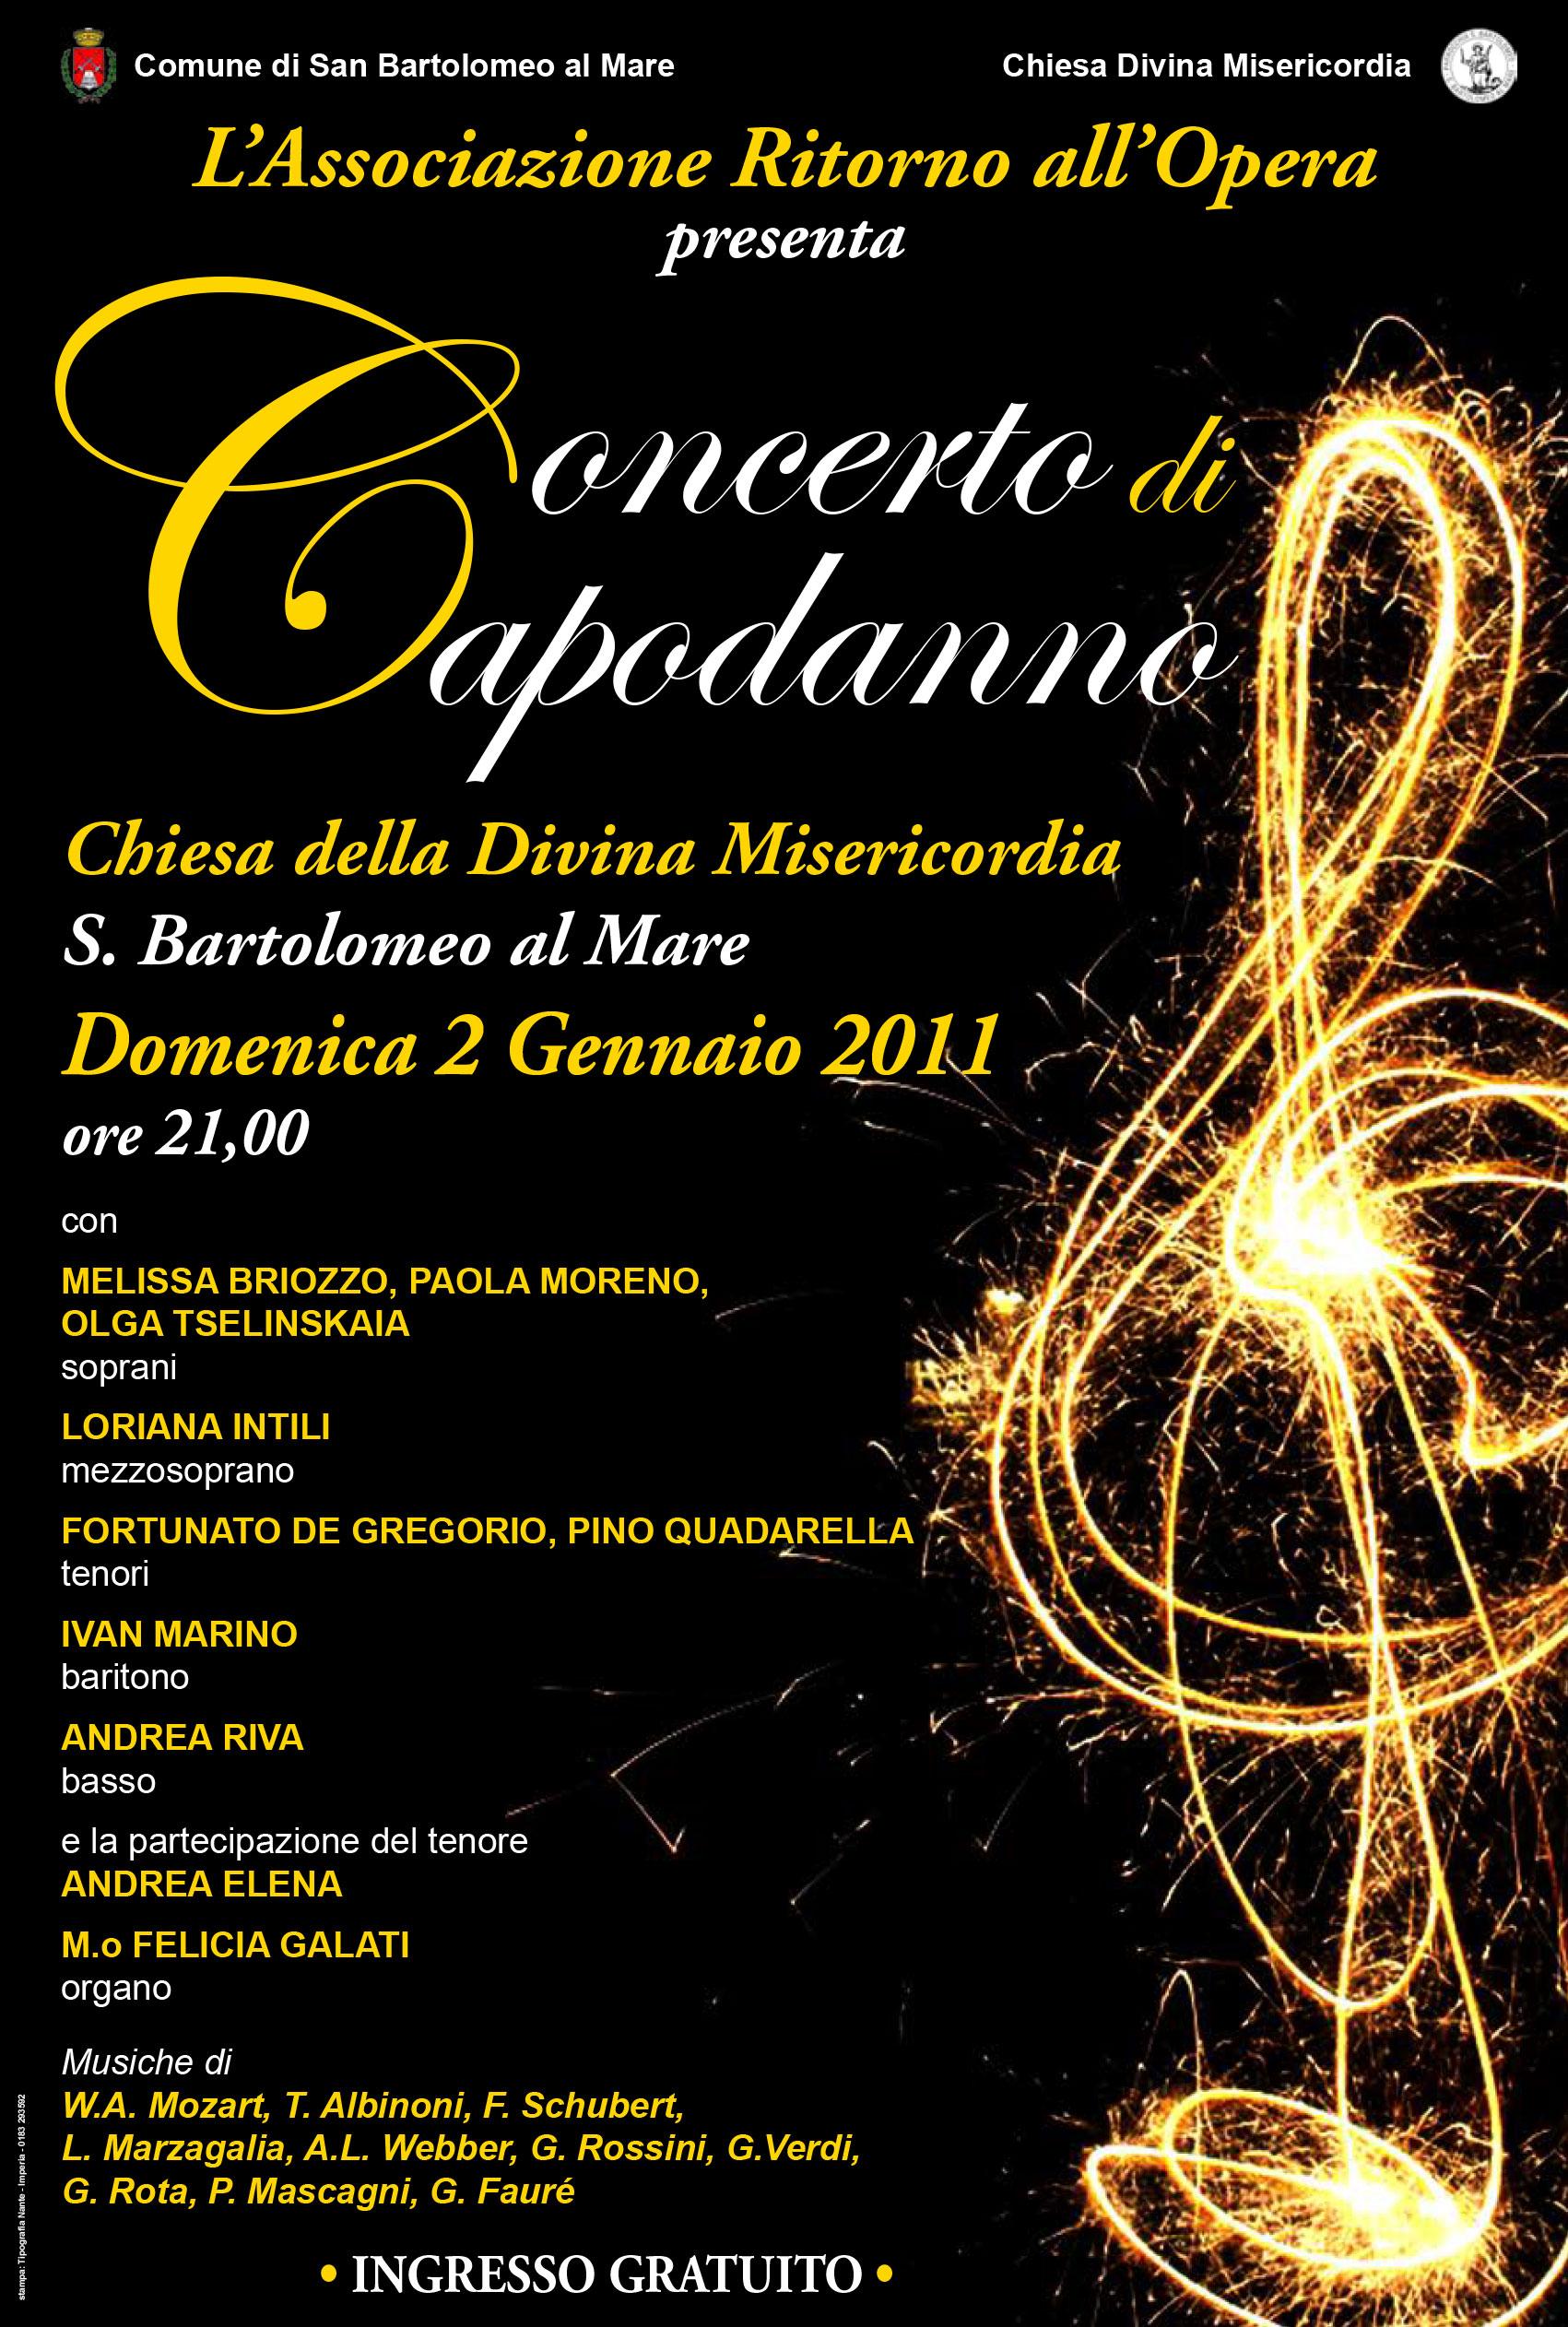 concerto-capodanno-2gennaio-2011